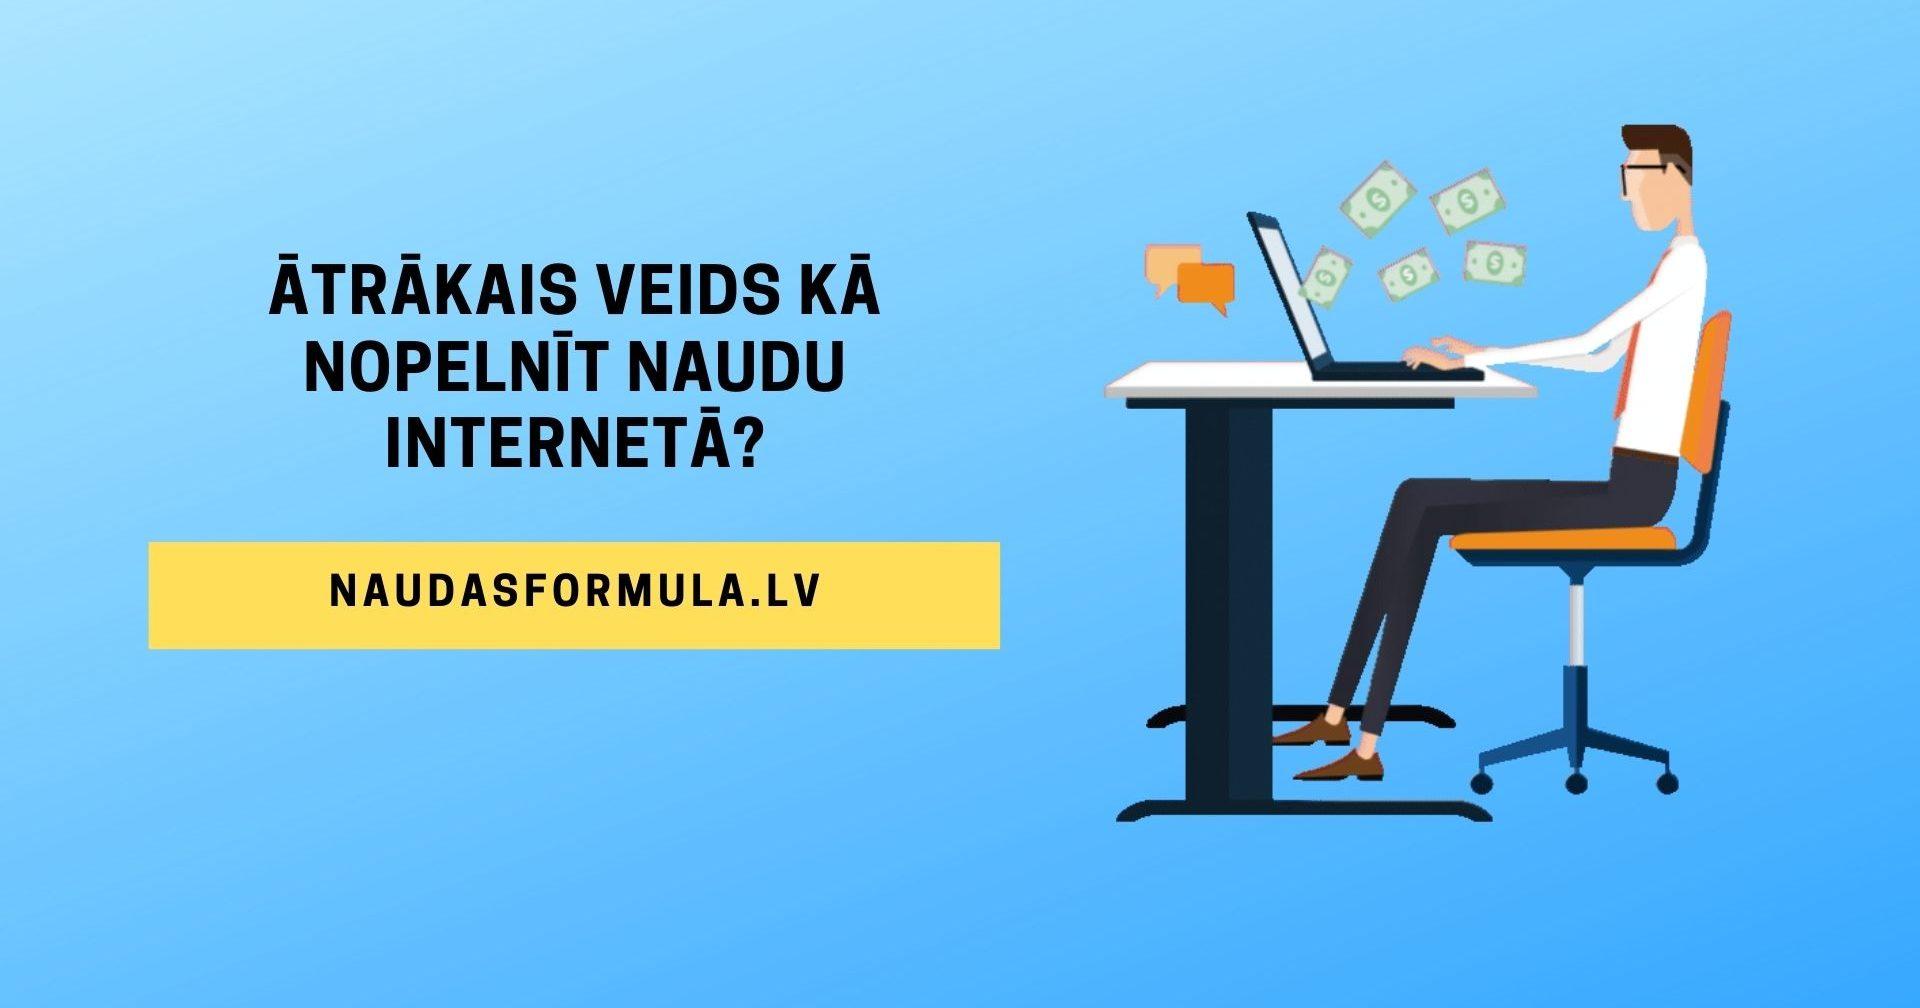 kā jūs varat nopelnīt naudu no datora)